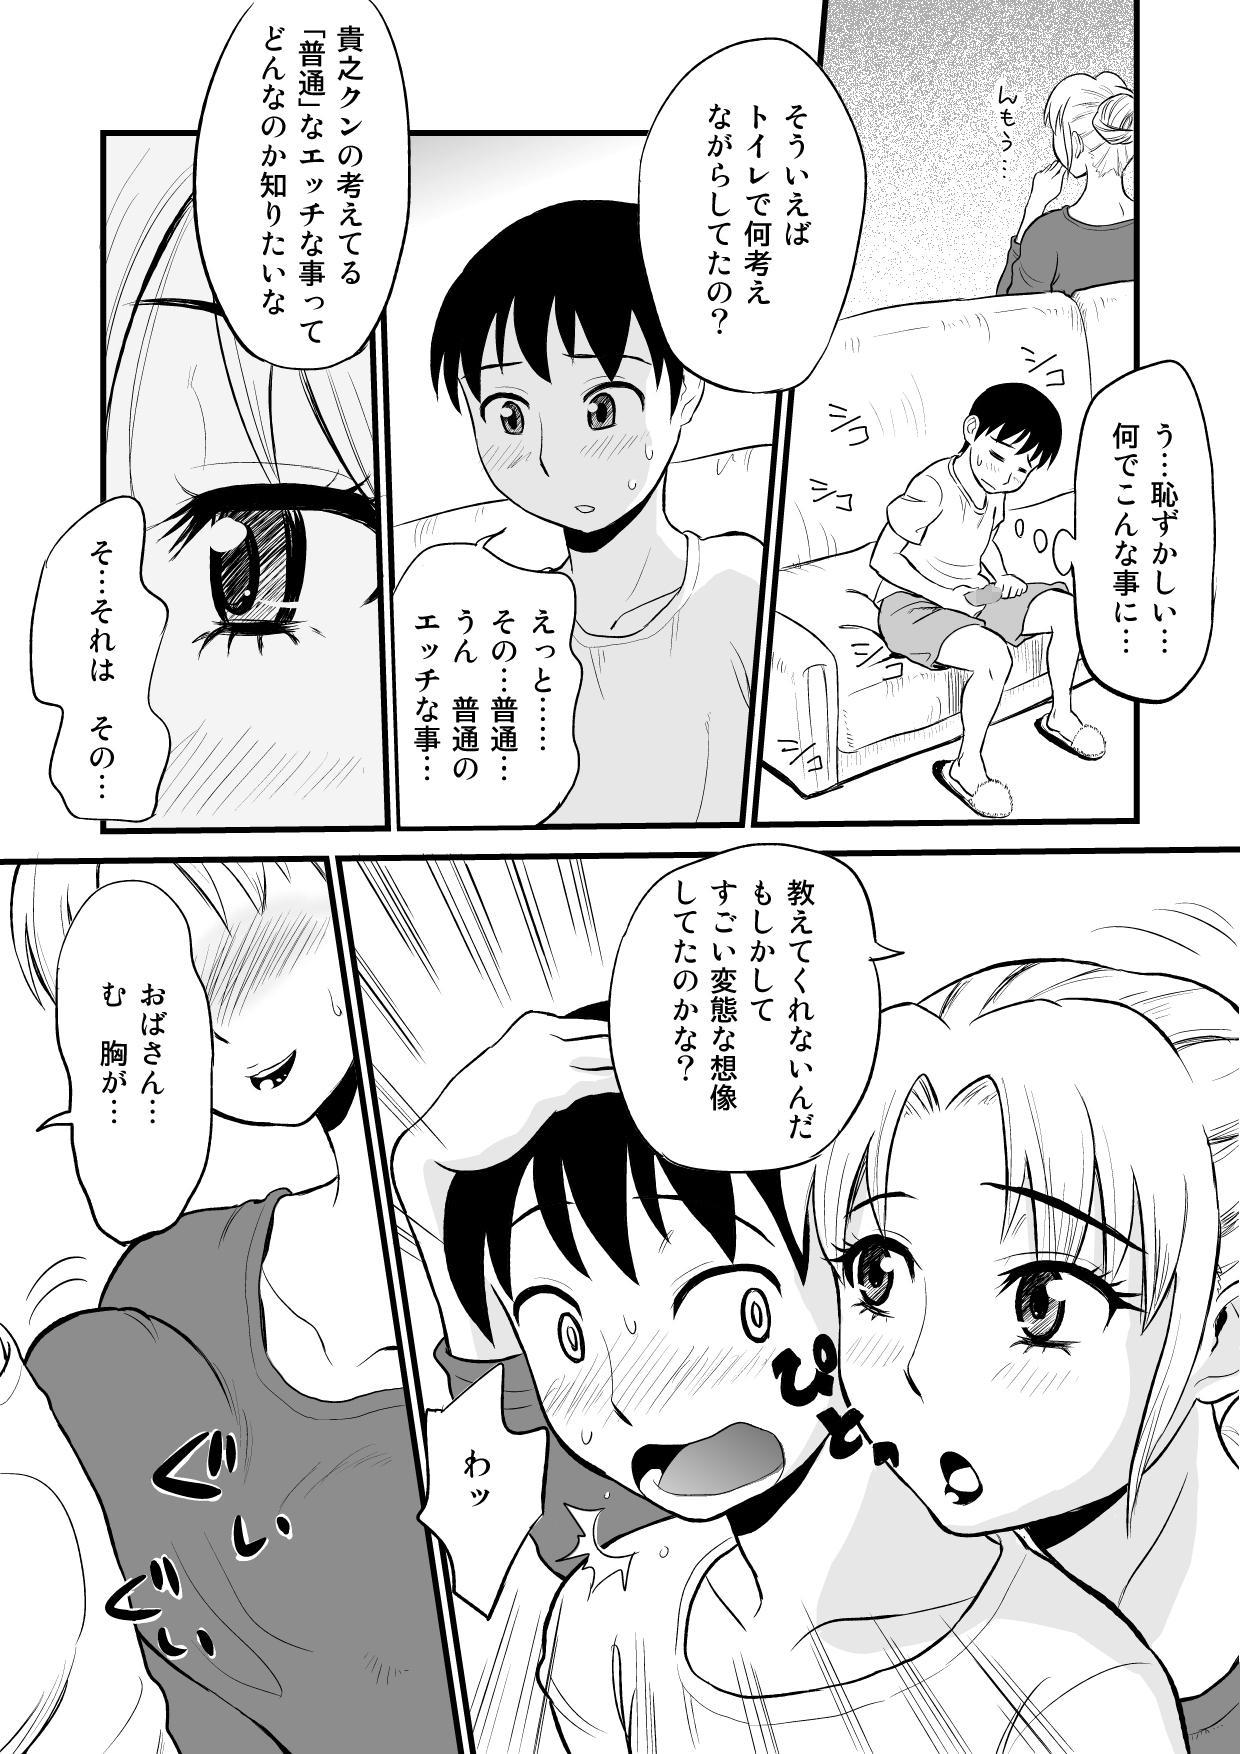 Yuujin no Mama ga Onanie no Otetsudai? 11